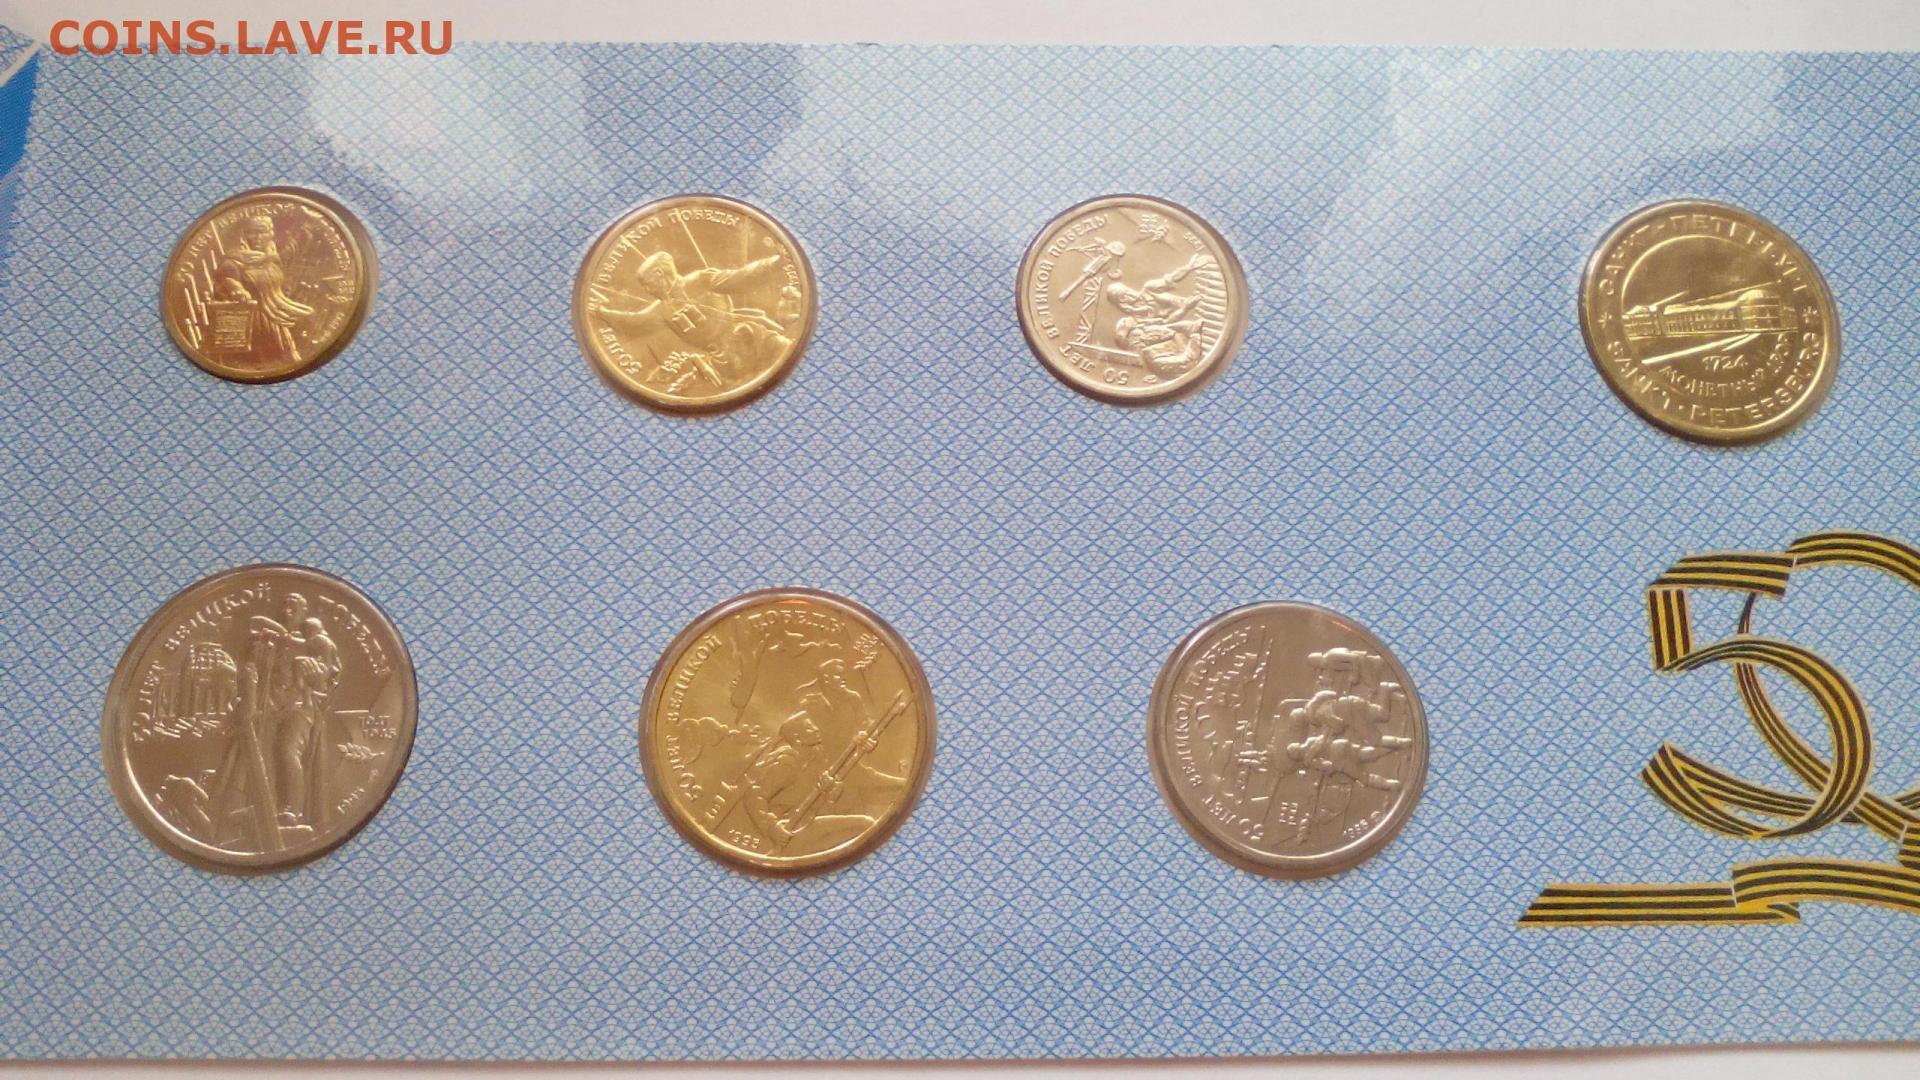 Набор 50 лет победы 1995 года оценка монет ссср в украине